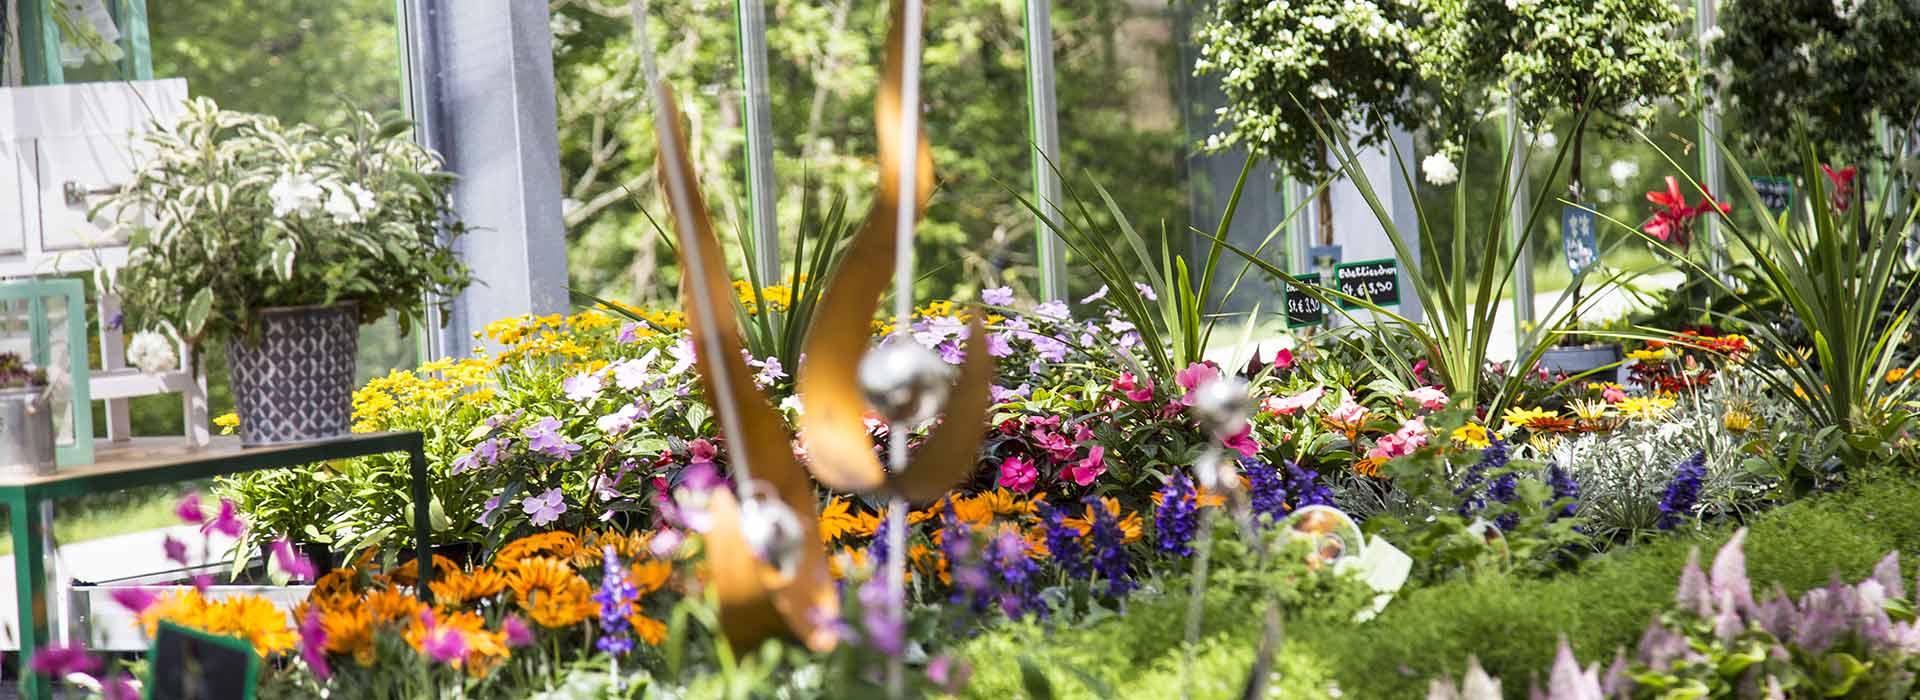 Individuelle Garten und Terrassengestaltung bei Blumen Bachhubers Florale Welten in Zwiesel